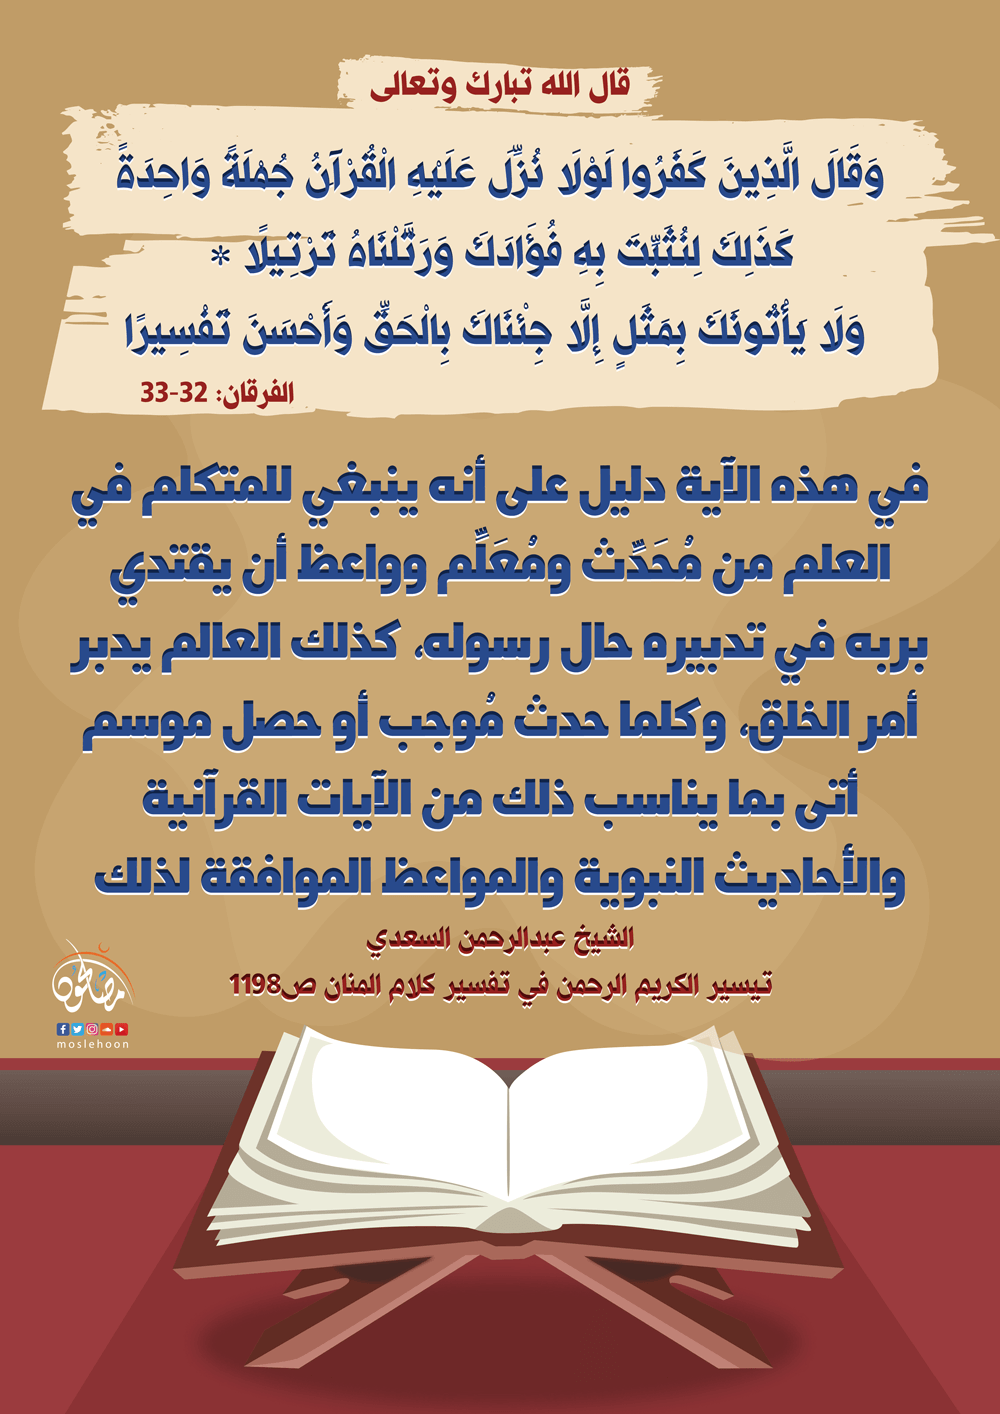 منهج رباني ينبغي للدعاة الاقتداء به